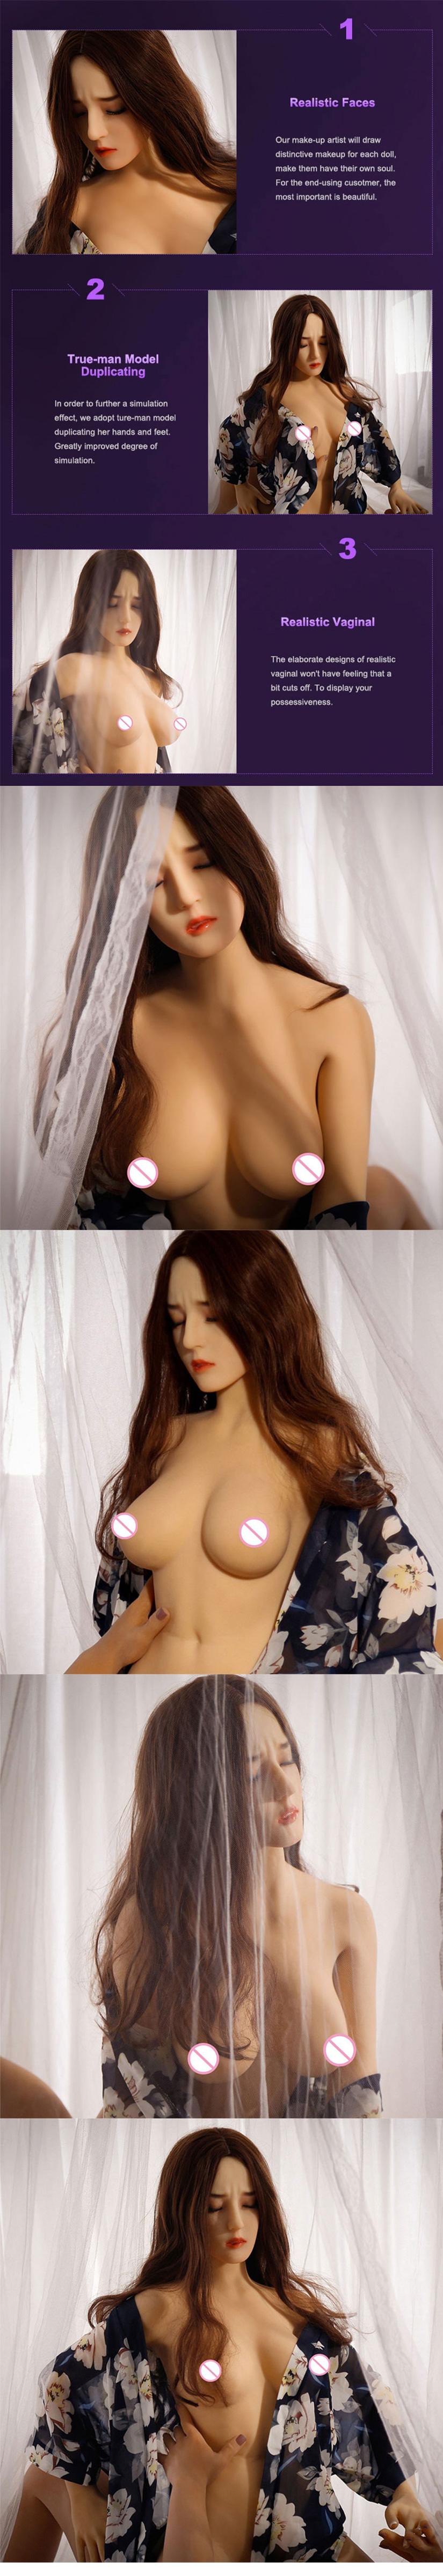 165cm Weiche haut Günstige erwachsene sex puppen große brust sexpuppe tpe silikon echte puppe für männer sex